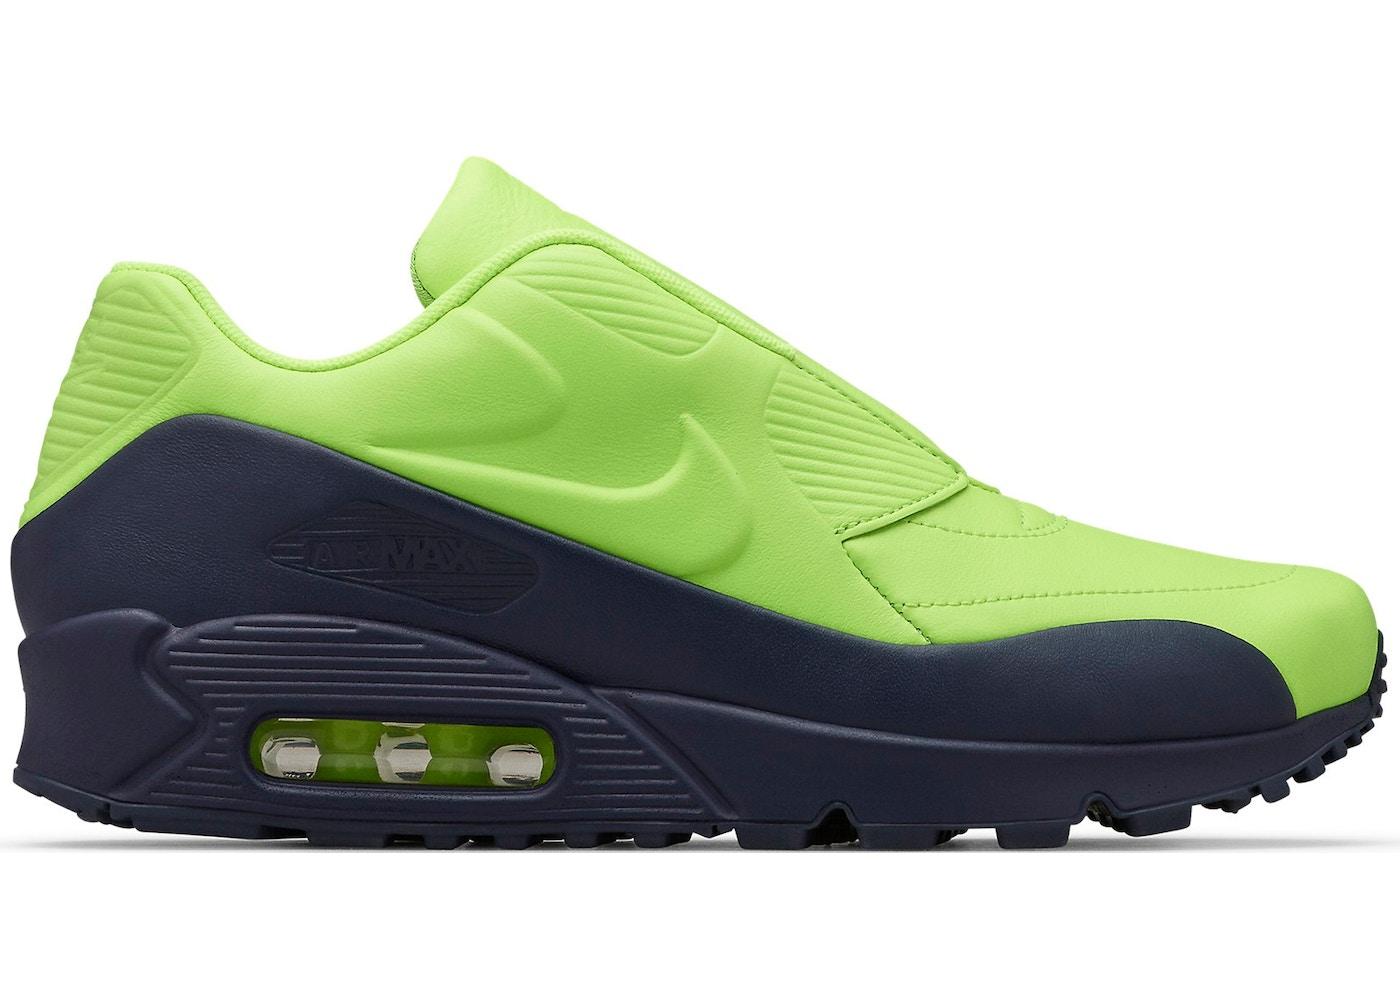 Nike Air Max 90 Sacai Volt Obsidian (W) - 804550-774